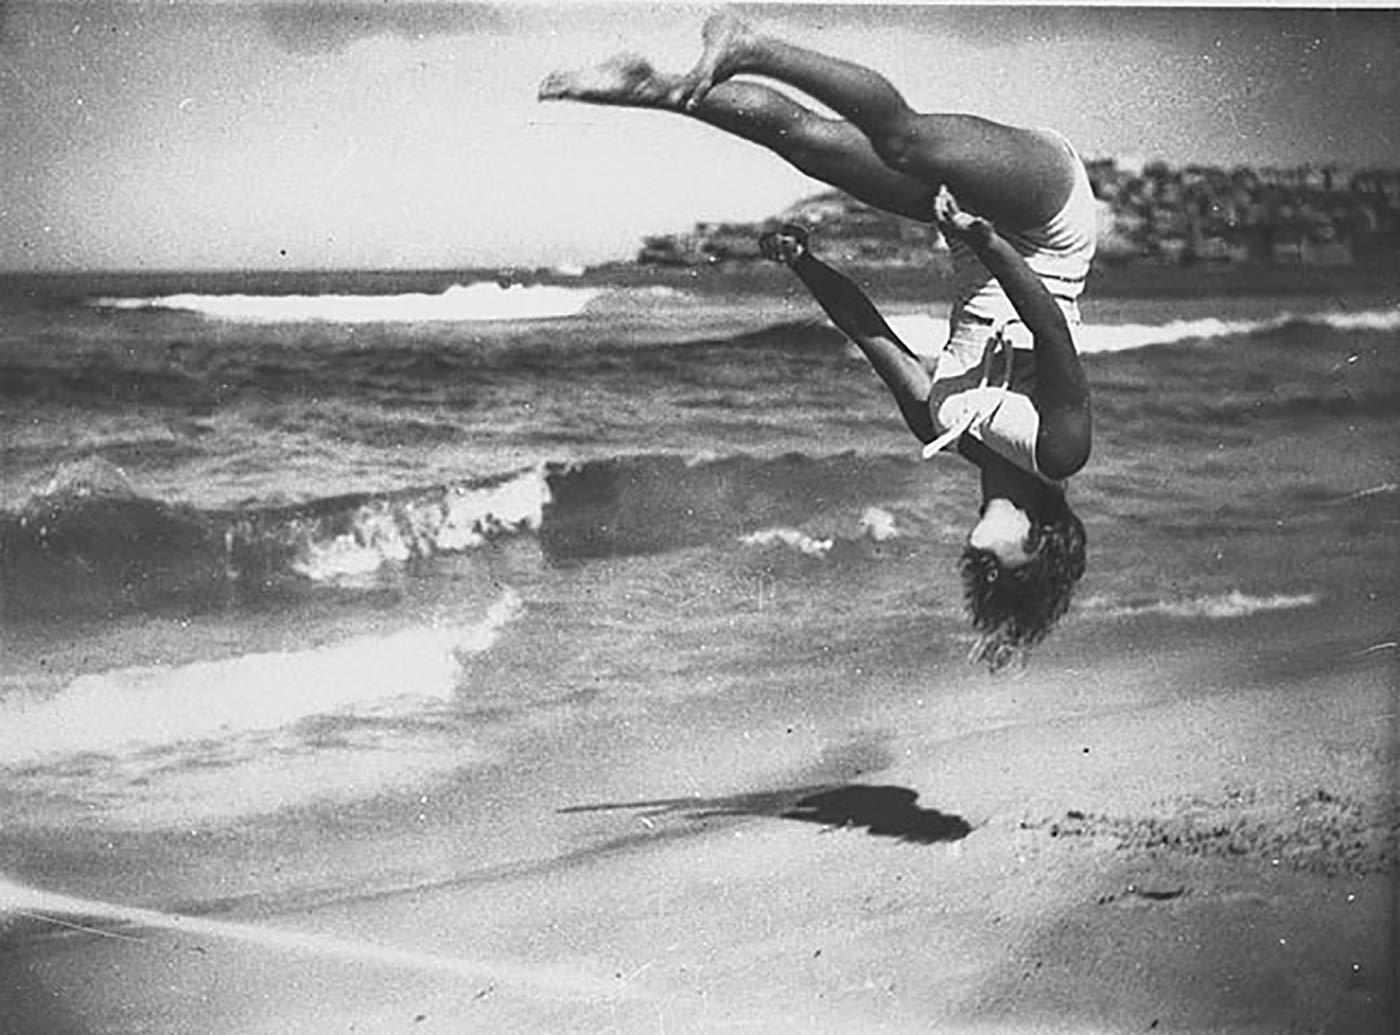 Peggy Bacon in mid-air backflip, Bondi Beach, Sydney, 6/2/1937 / by Ted Hood.